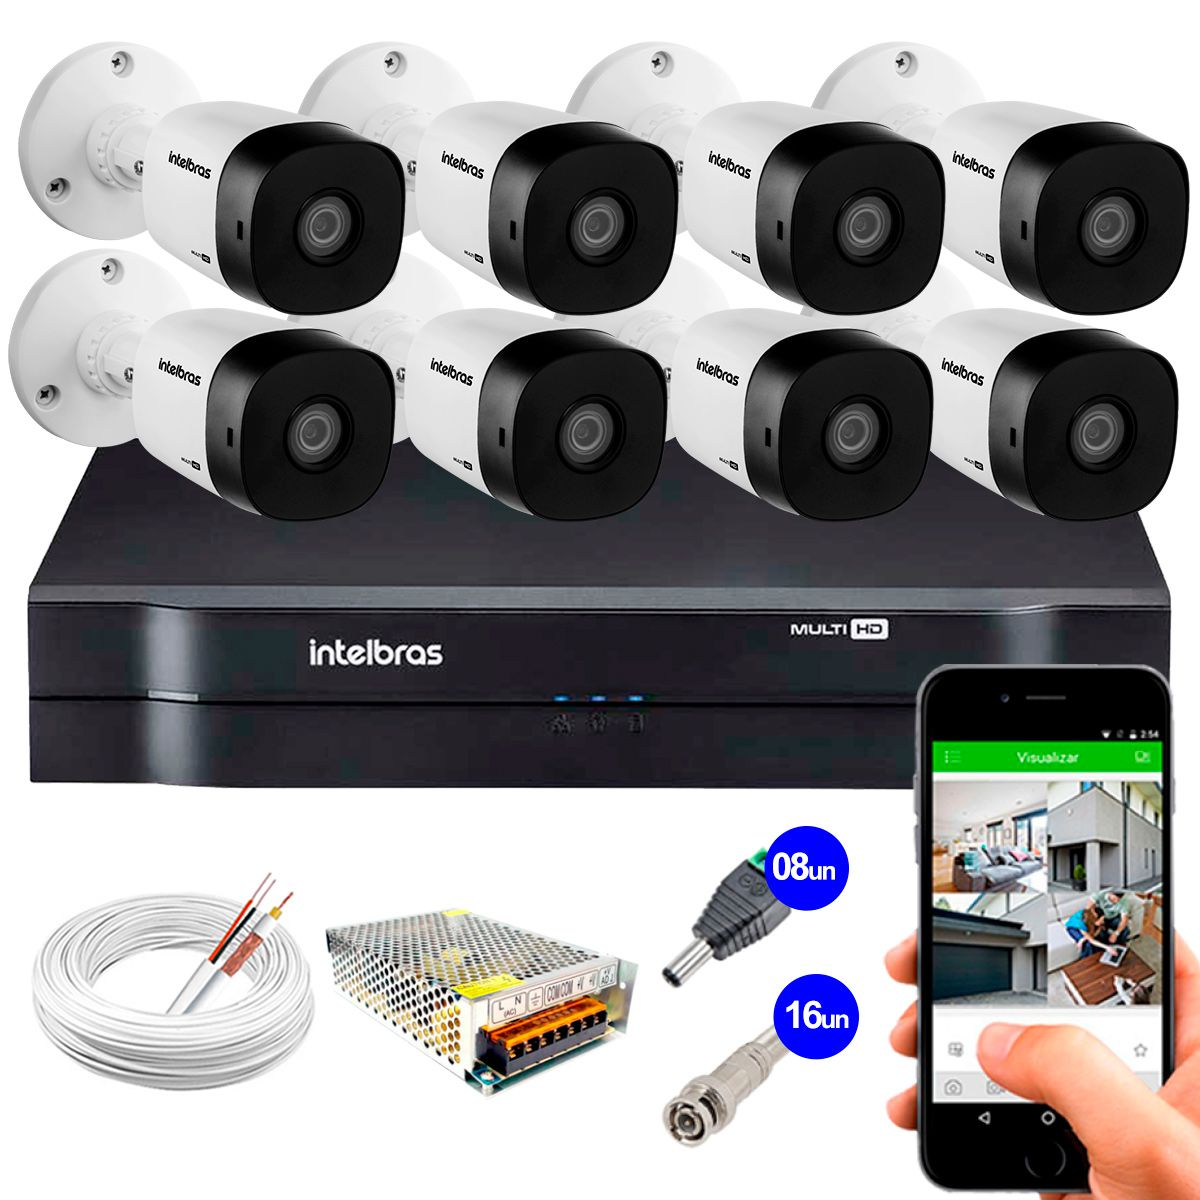 Kit 8 Câmeras VHD 3120 B G5 + DVR Intelbras + App Grátis de Monitoramento, Câmeras HD 720p 20m Infravermelho de Visão Noturna Intelbras + Fonte, Cabos e Acessórios  - Tudo Forte